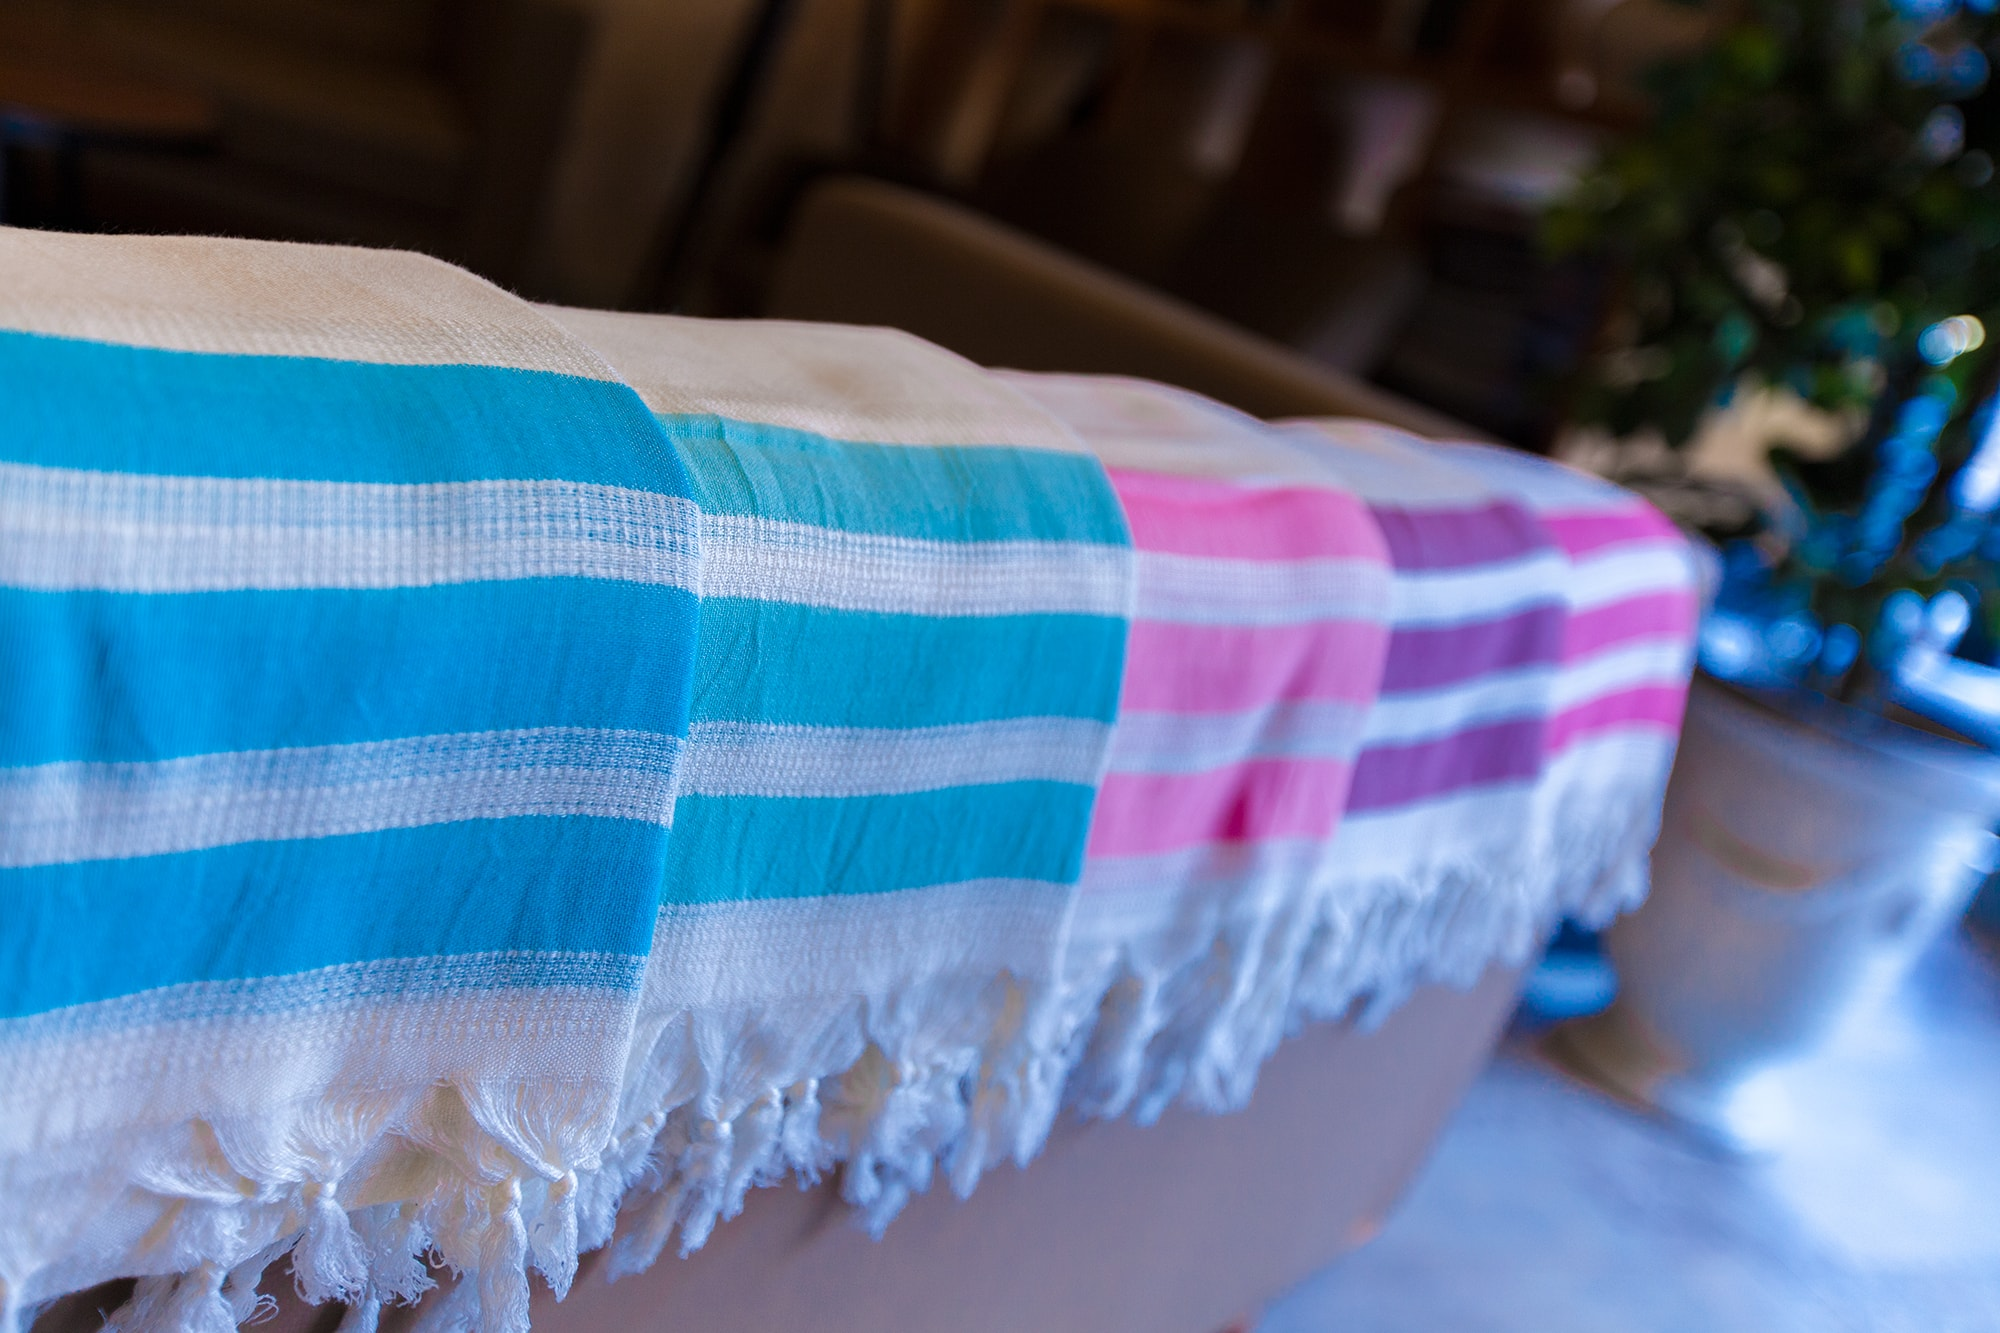 Motto Peshtemal Turkish Towel Manufacturer Wholesaler